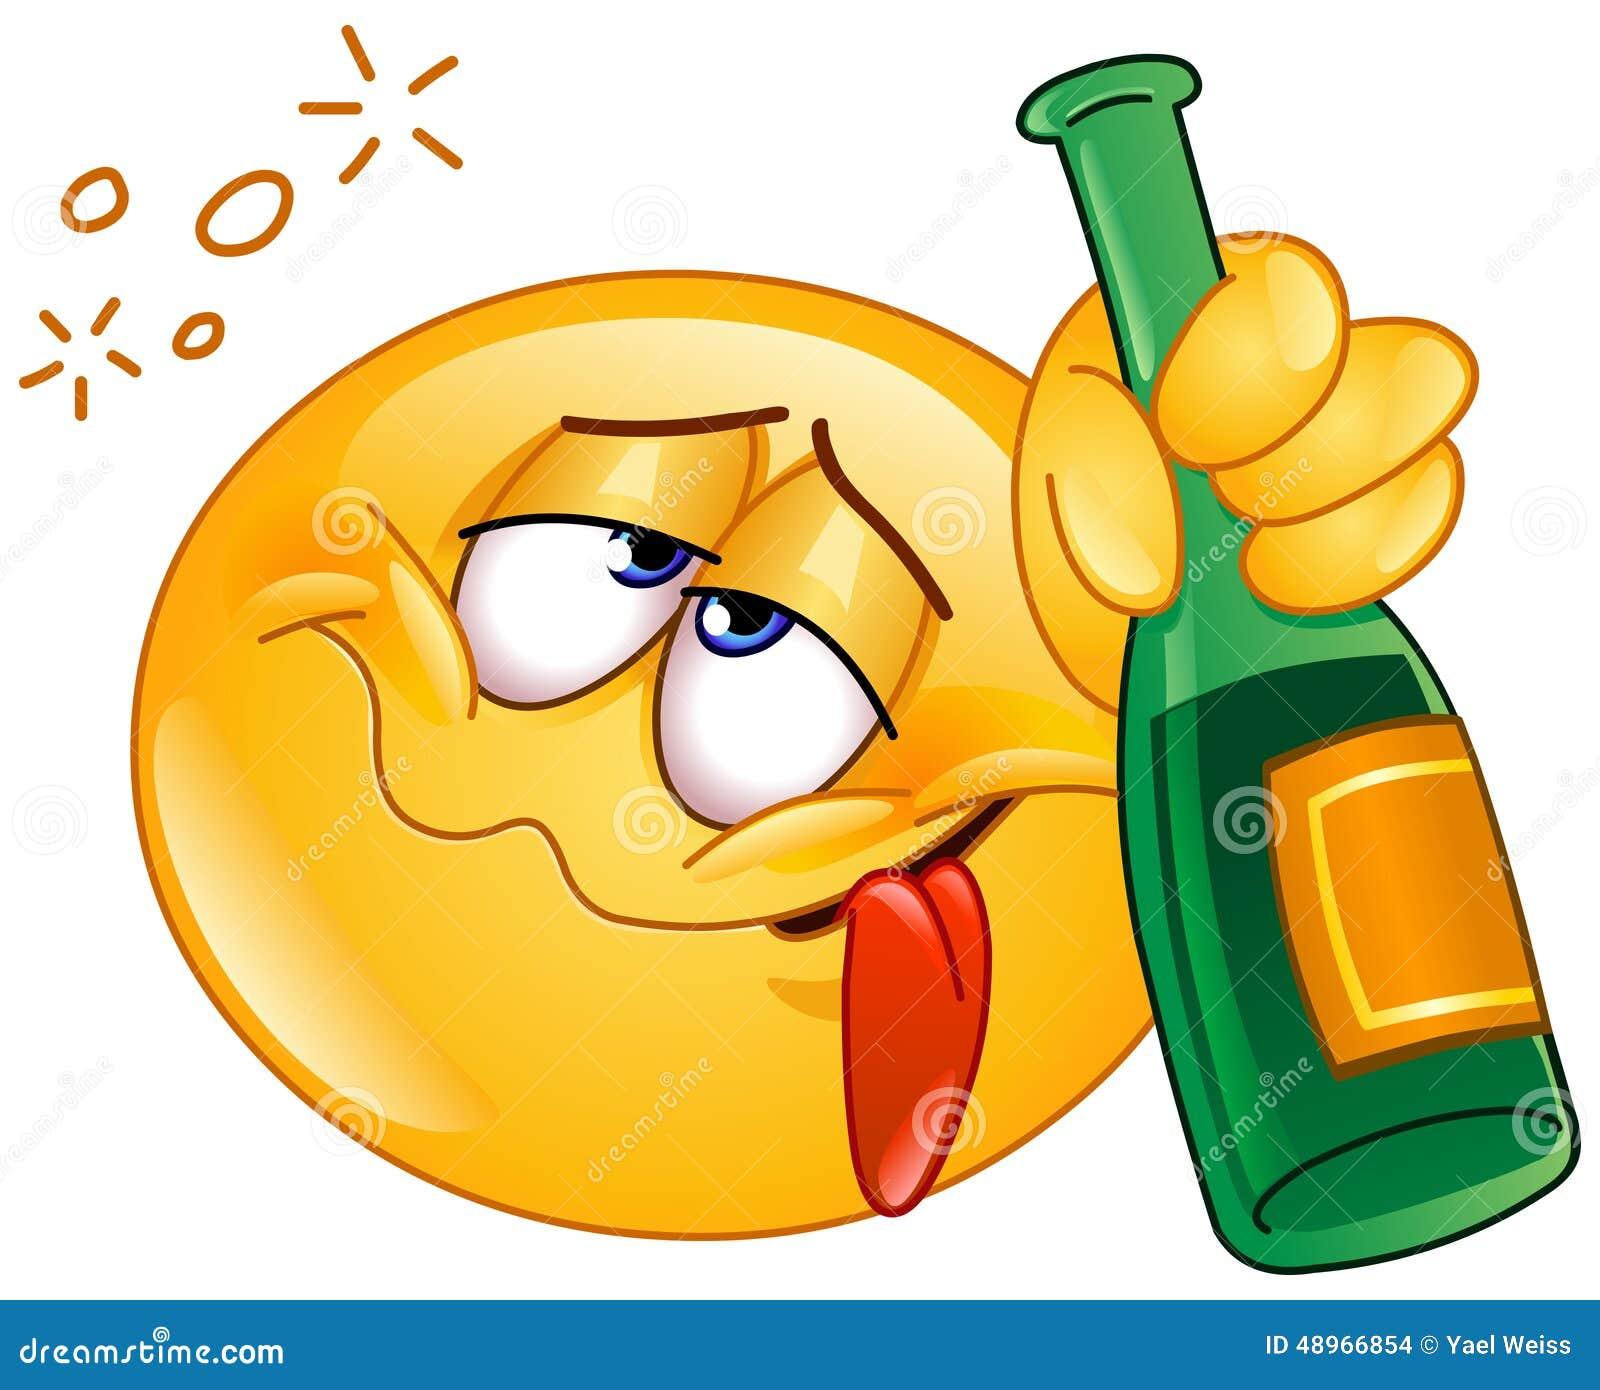 Emoticon borracho